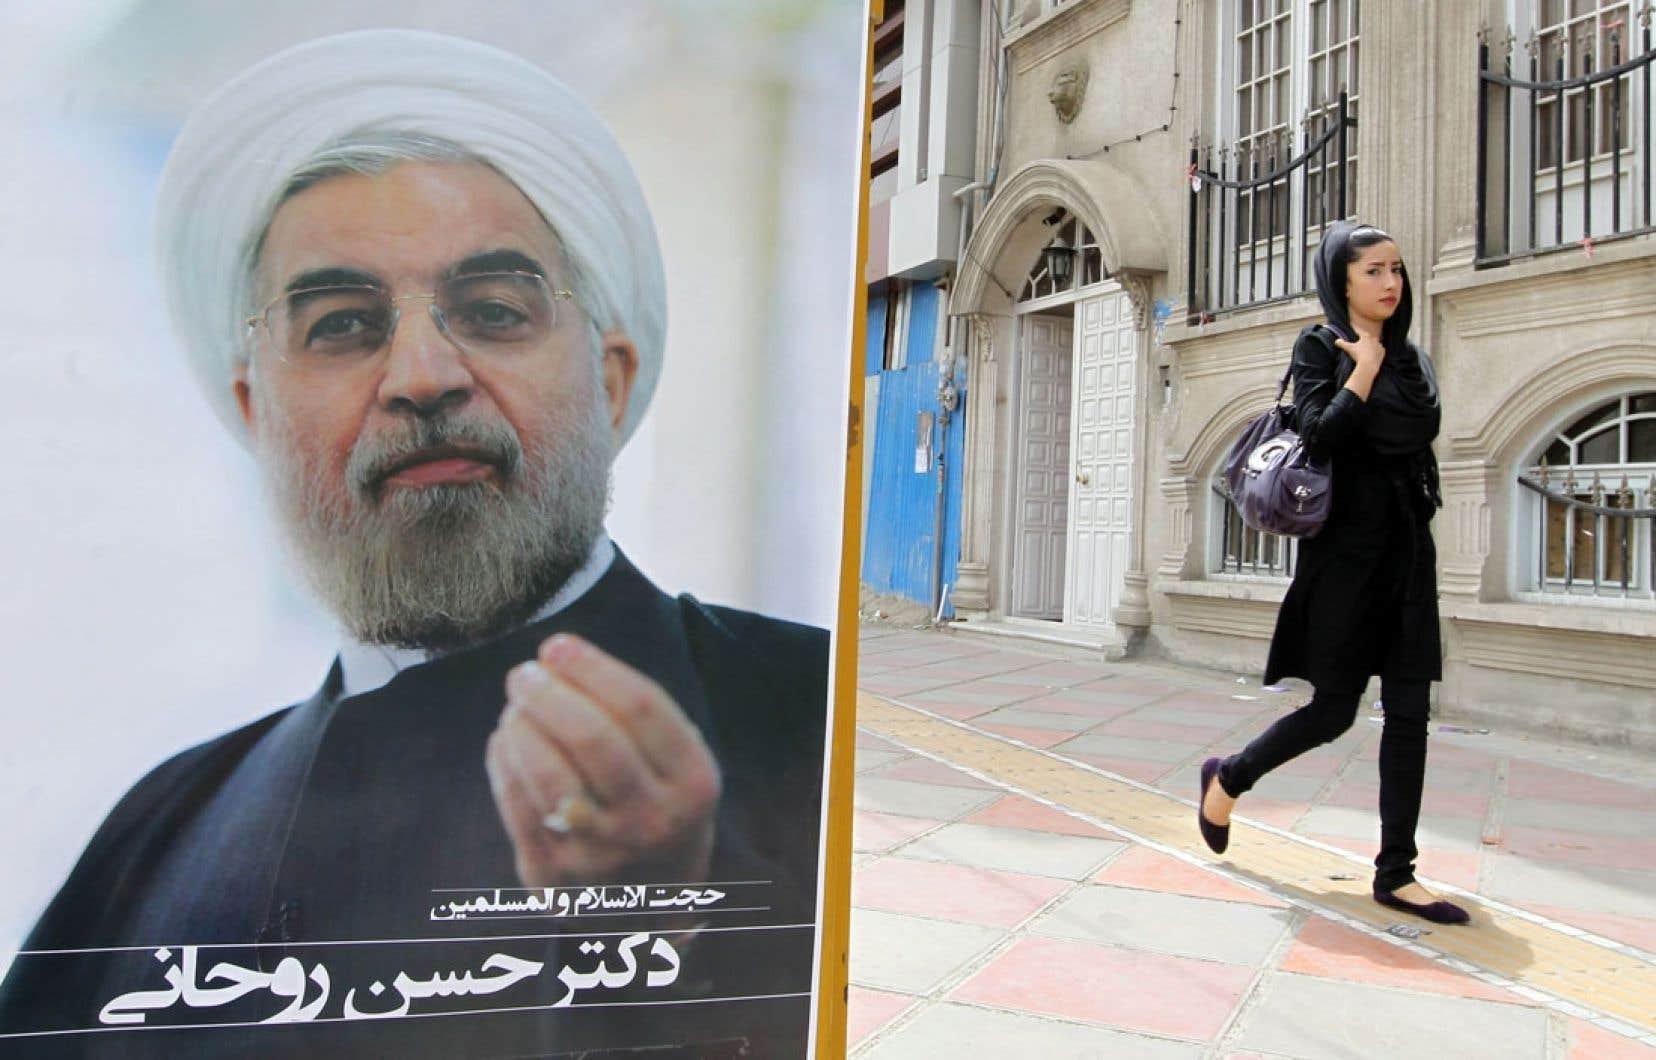 Une Iranienne est passée mardi près d'une affiche électorale du réformateur Hassan Rohani.